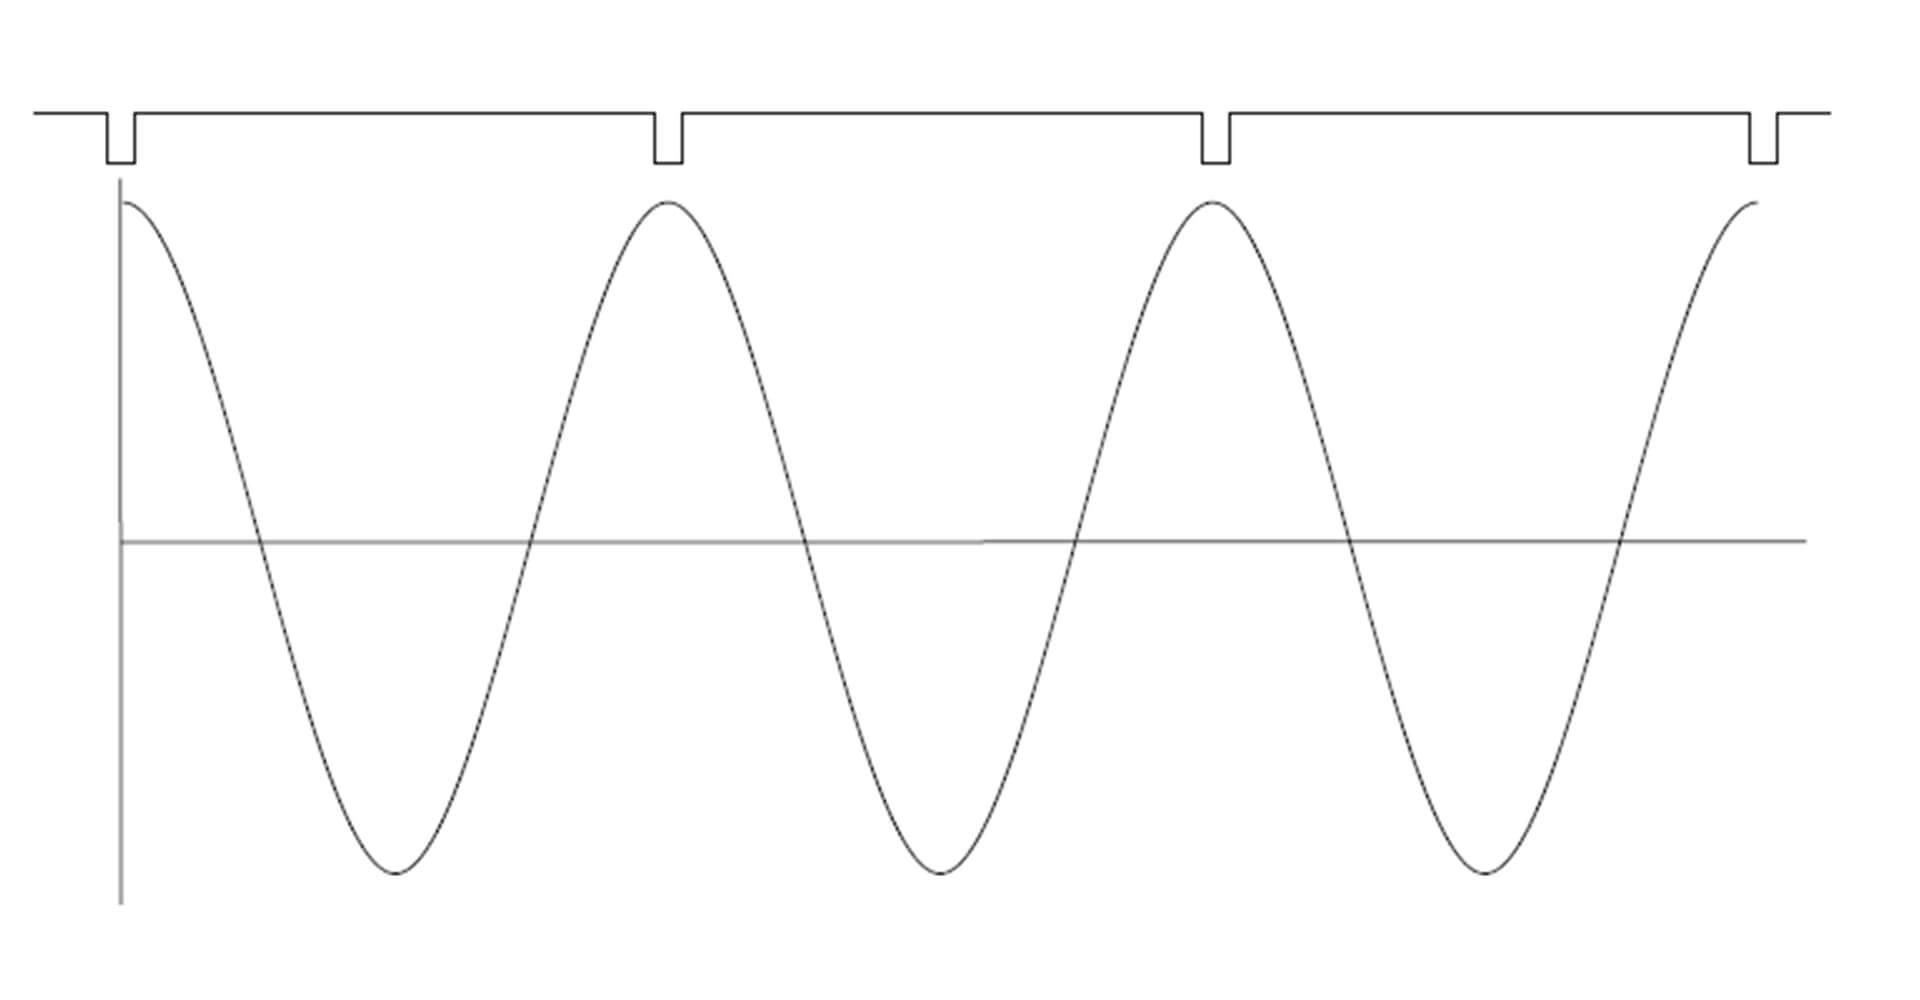 Wykres pomiaru drgań i pomiaru fazy